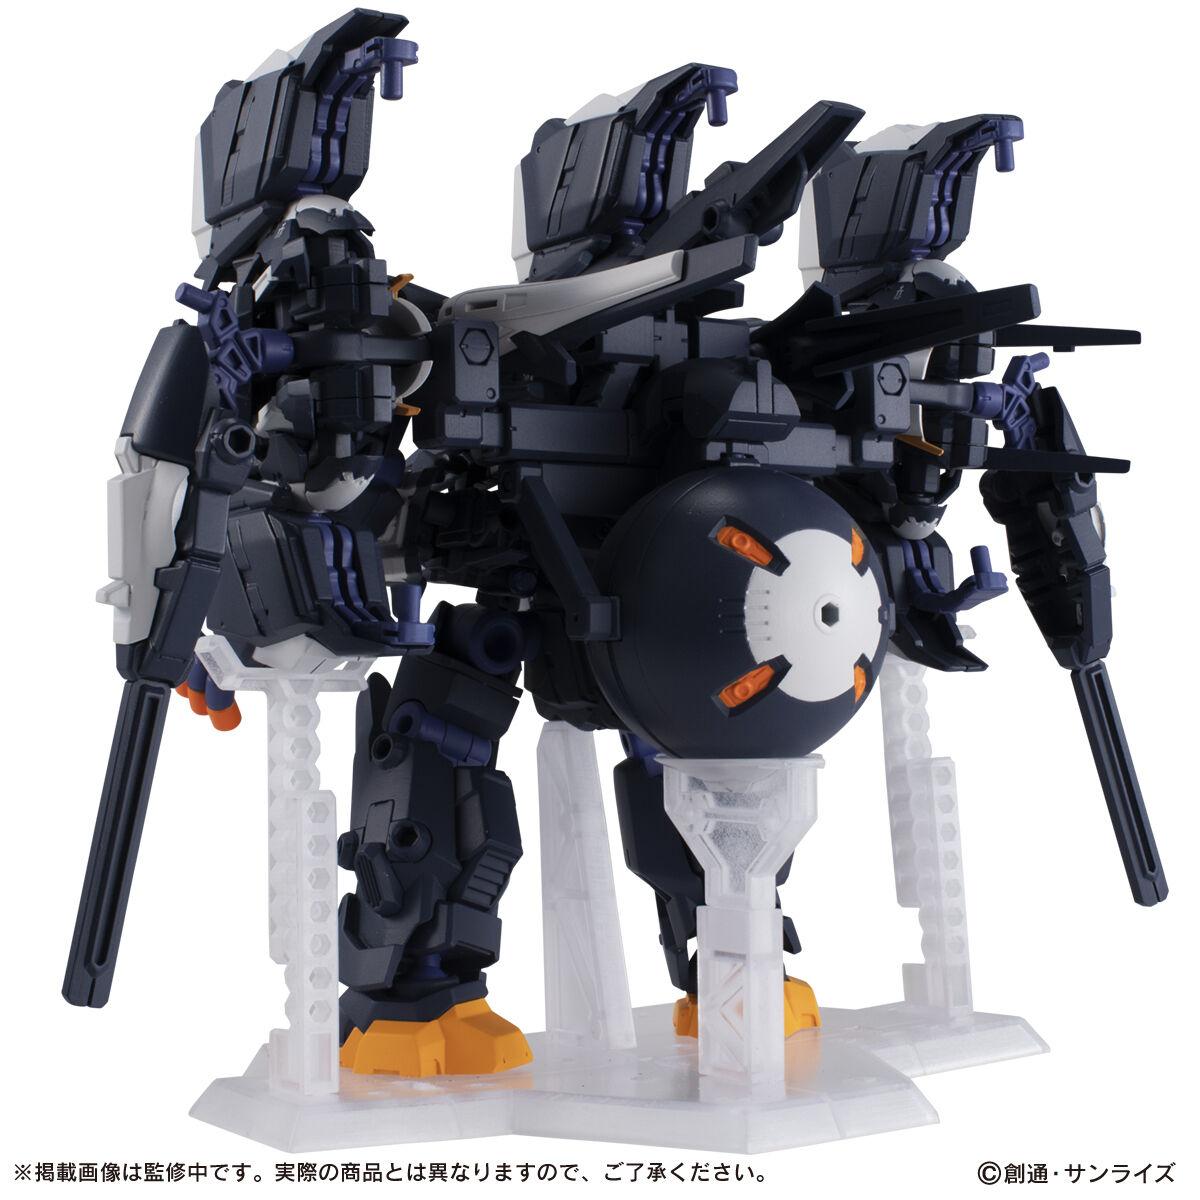 【限定販売】MOBILE SUIT ENSEMBLE『EX35 ガンダムTR-6[クインリィ]フルアーマー形態』デフォルメ可動フィギュア-003